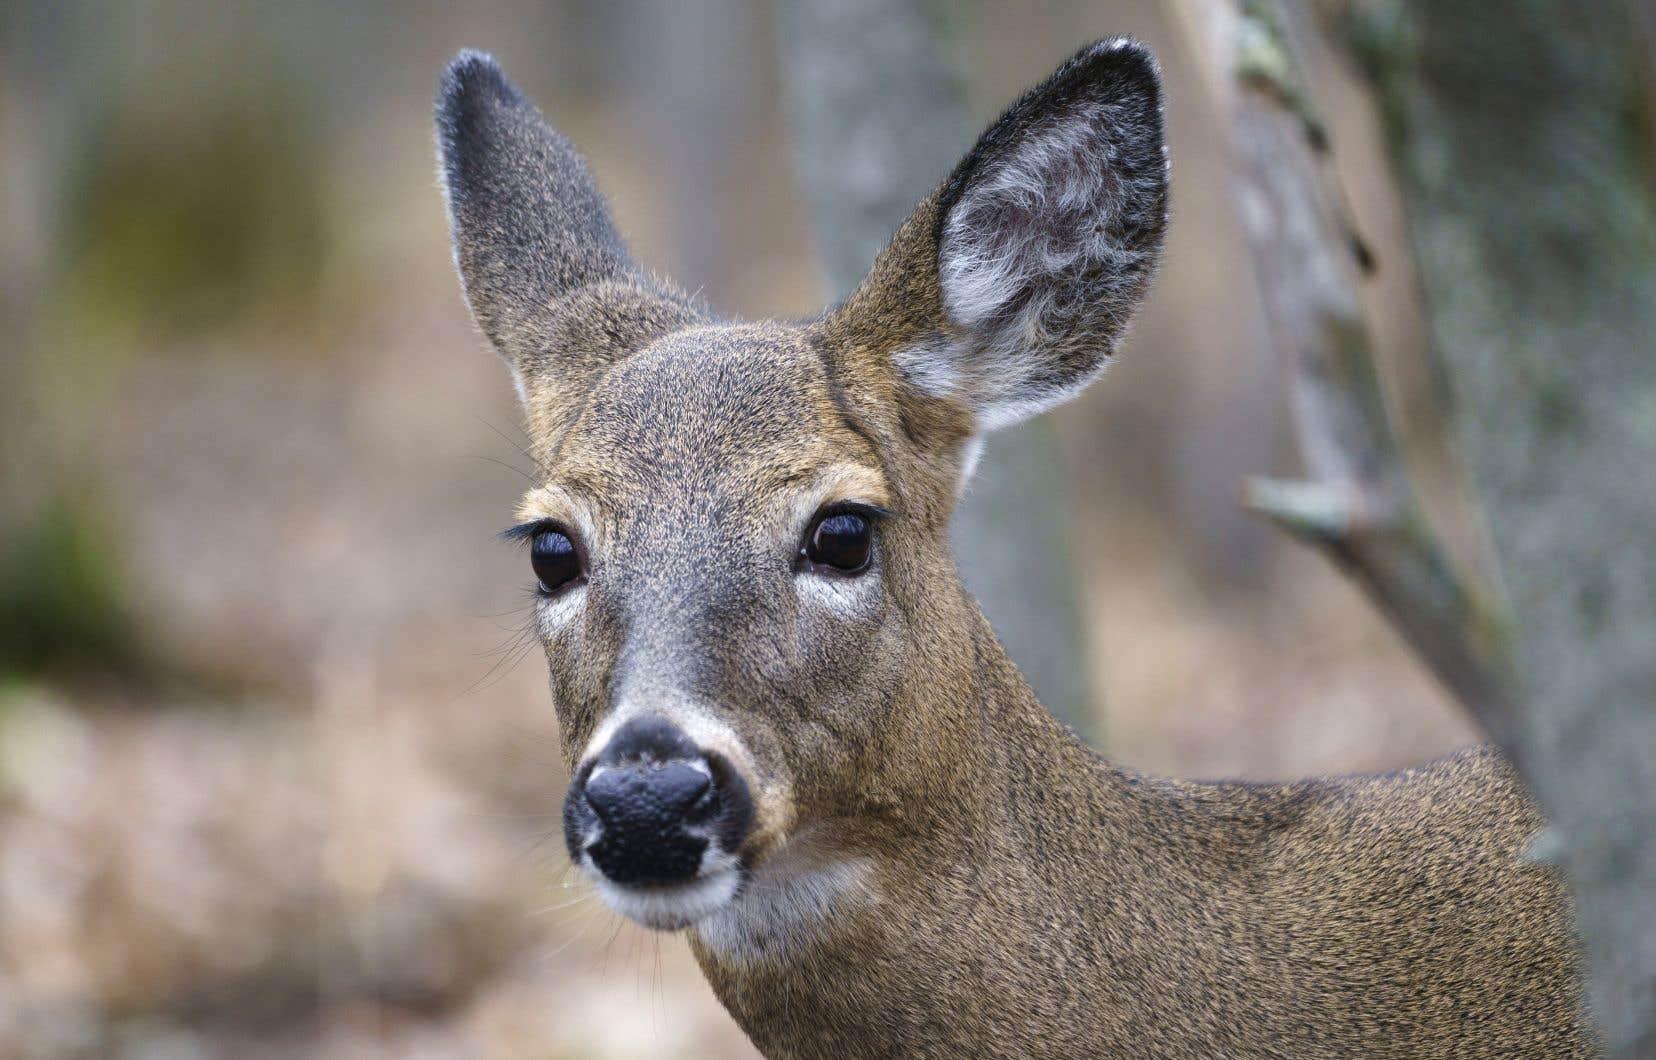 Les cerfs menacent non seulement la régénération de la végétation, mais aussi les habitats d'autres espèces animales, comme les oiseaux. Sur la photo, un cerf de Virginie dans le parc Michel-Chartrand, à Longueuil.